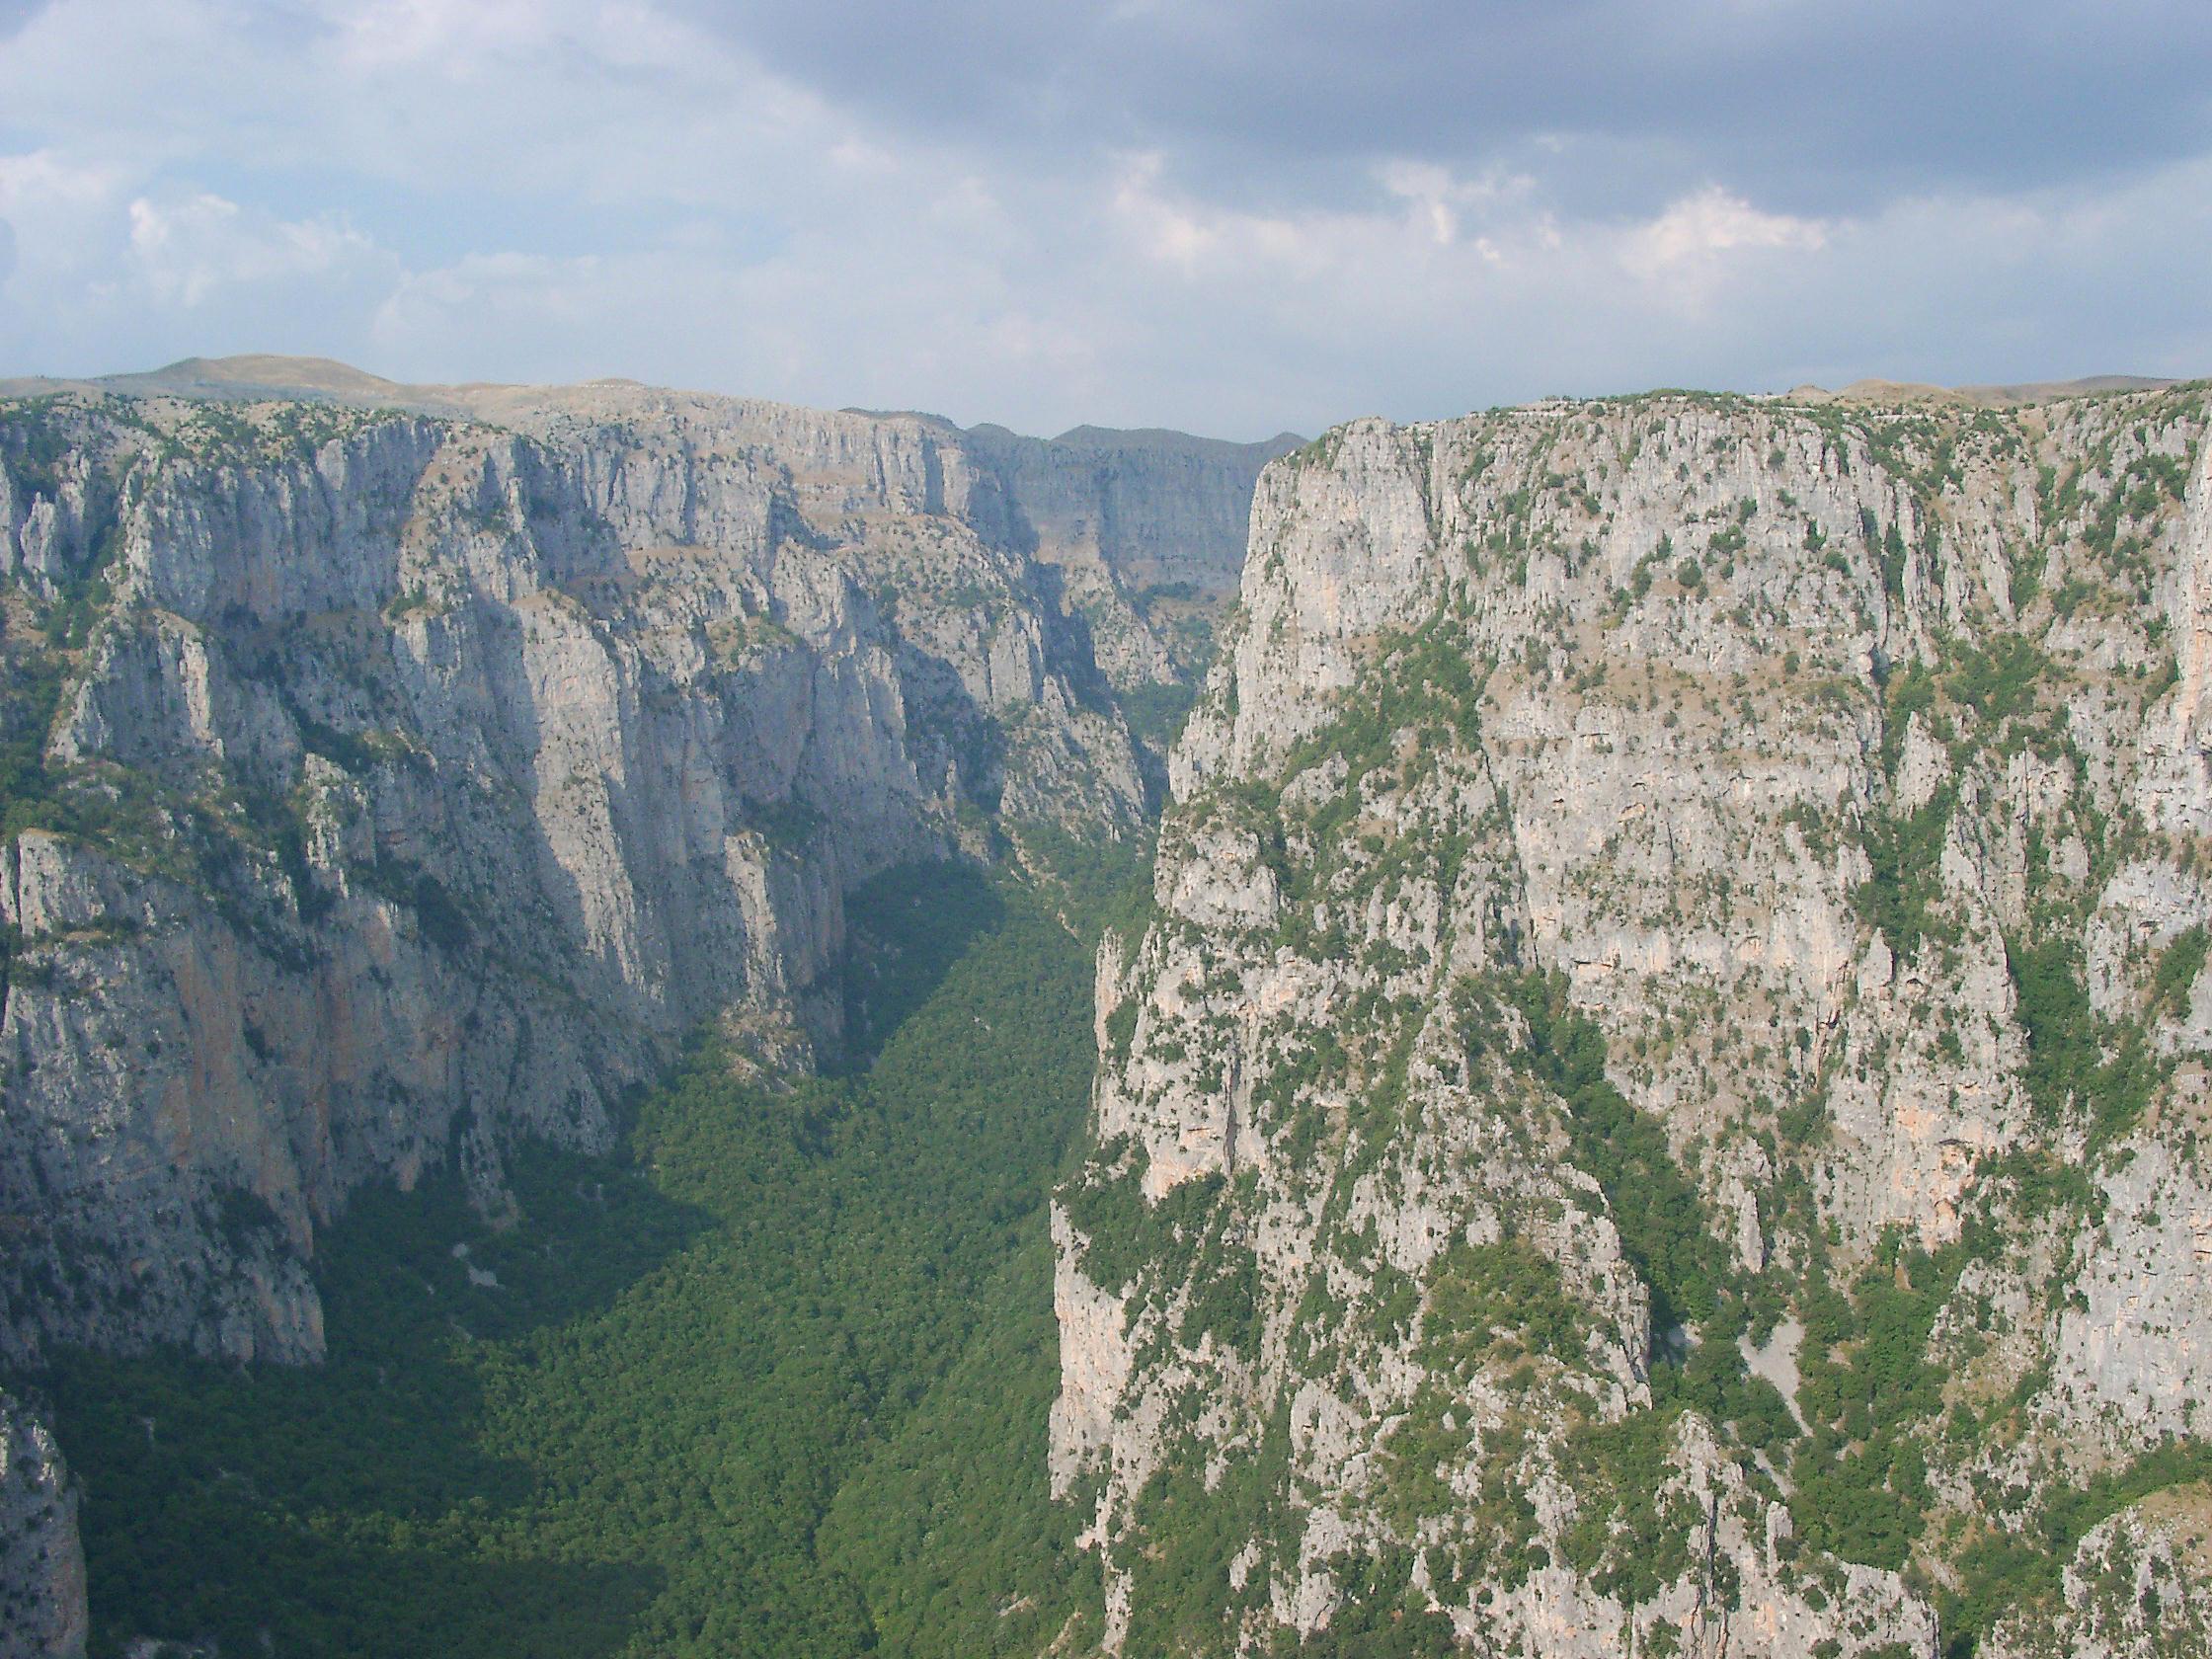 File:Vikos Gorge, Epirus, Greece.jpg - Wikipedia